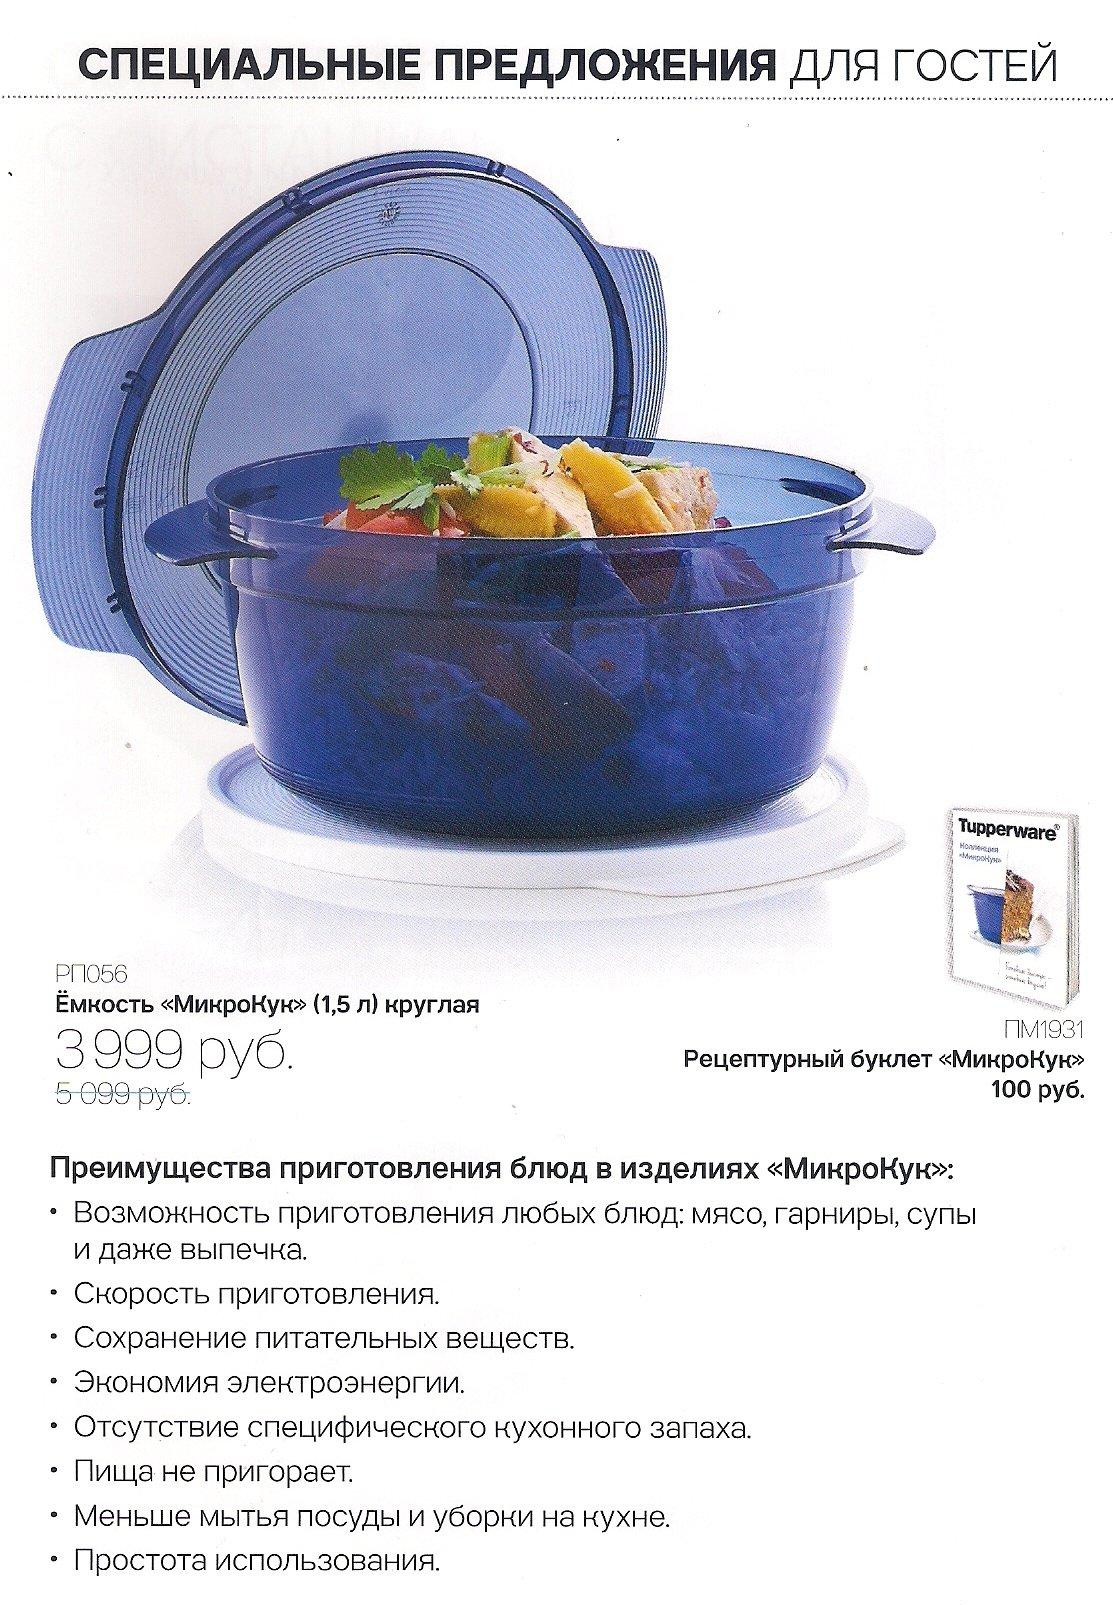 http://tupperware-online.ru/images/upload/11H.jpg